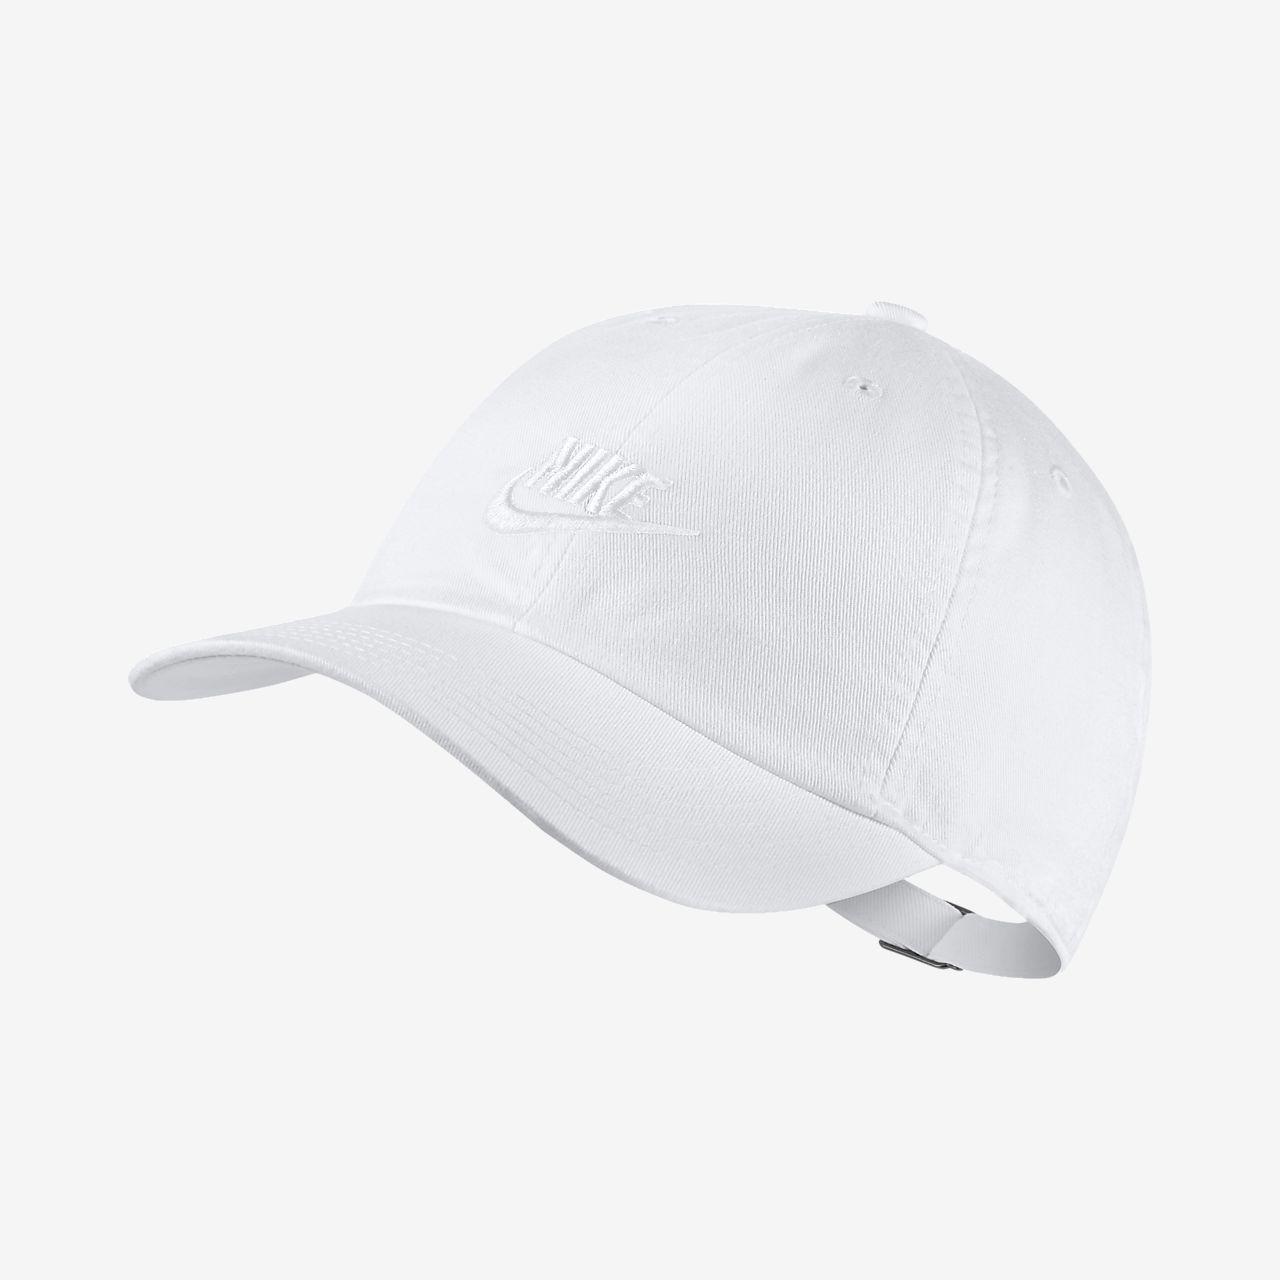 855090121 Nike Heritage86 Kids' Adjustable Hat